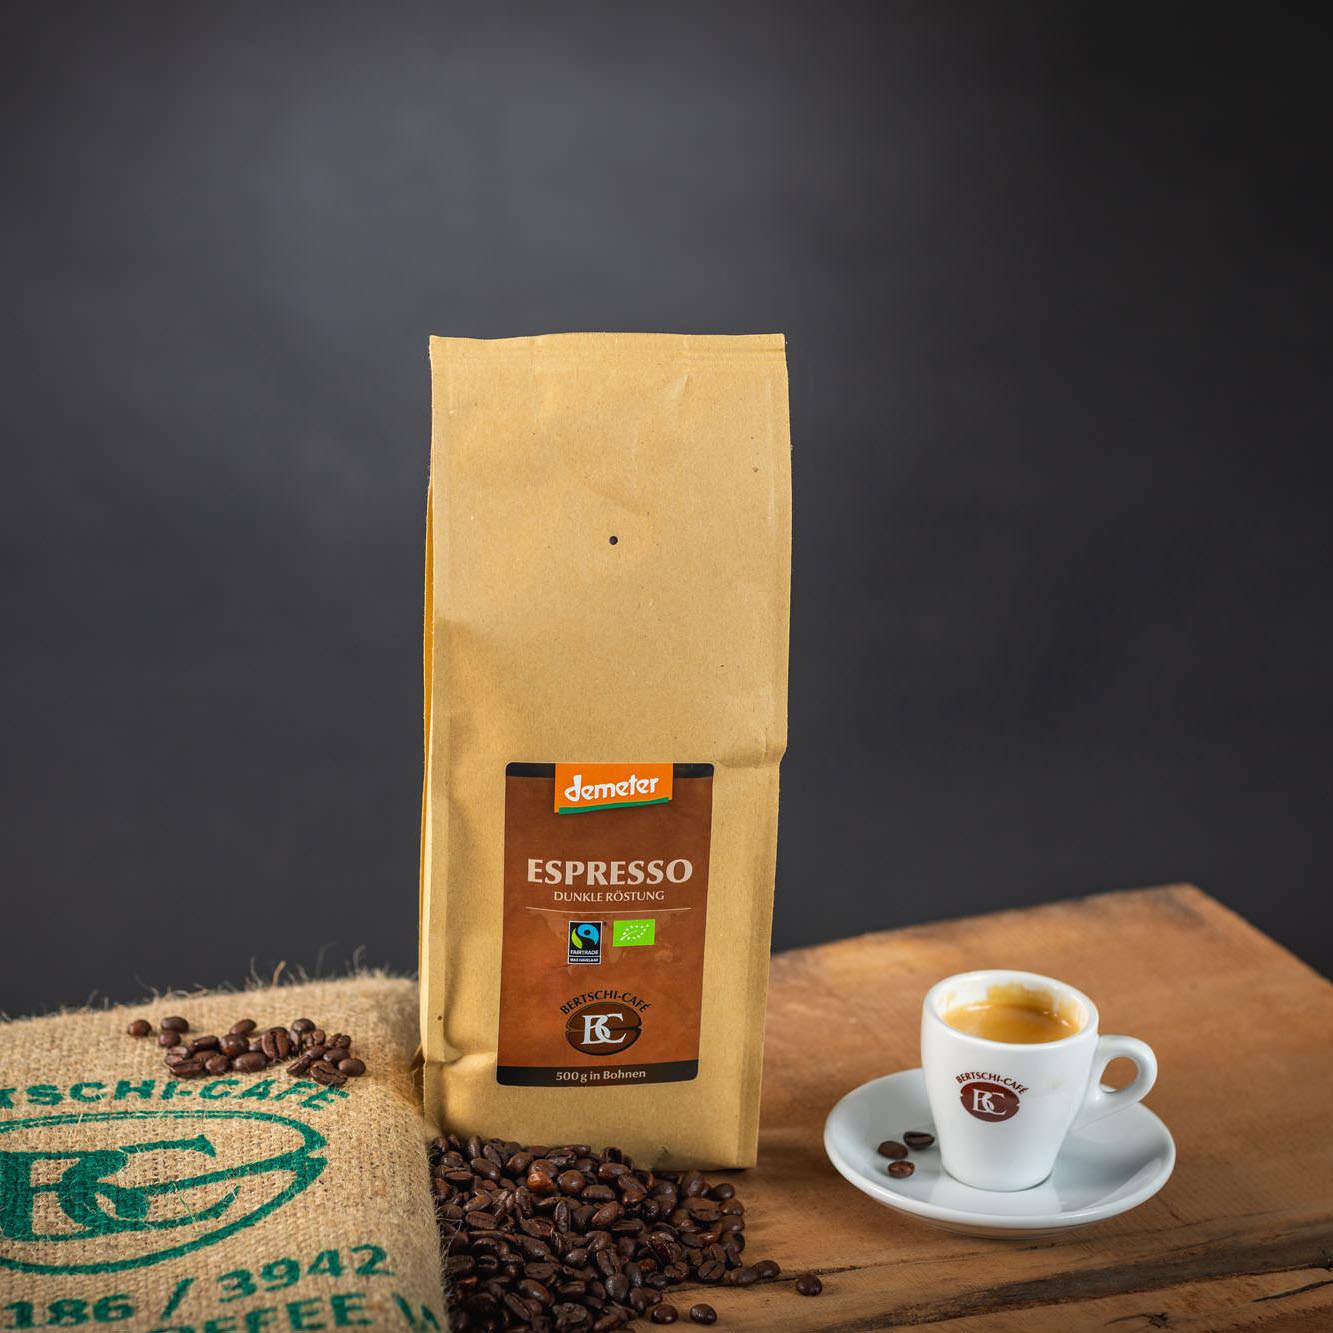 Demeter Espresso, in Bohnen